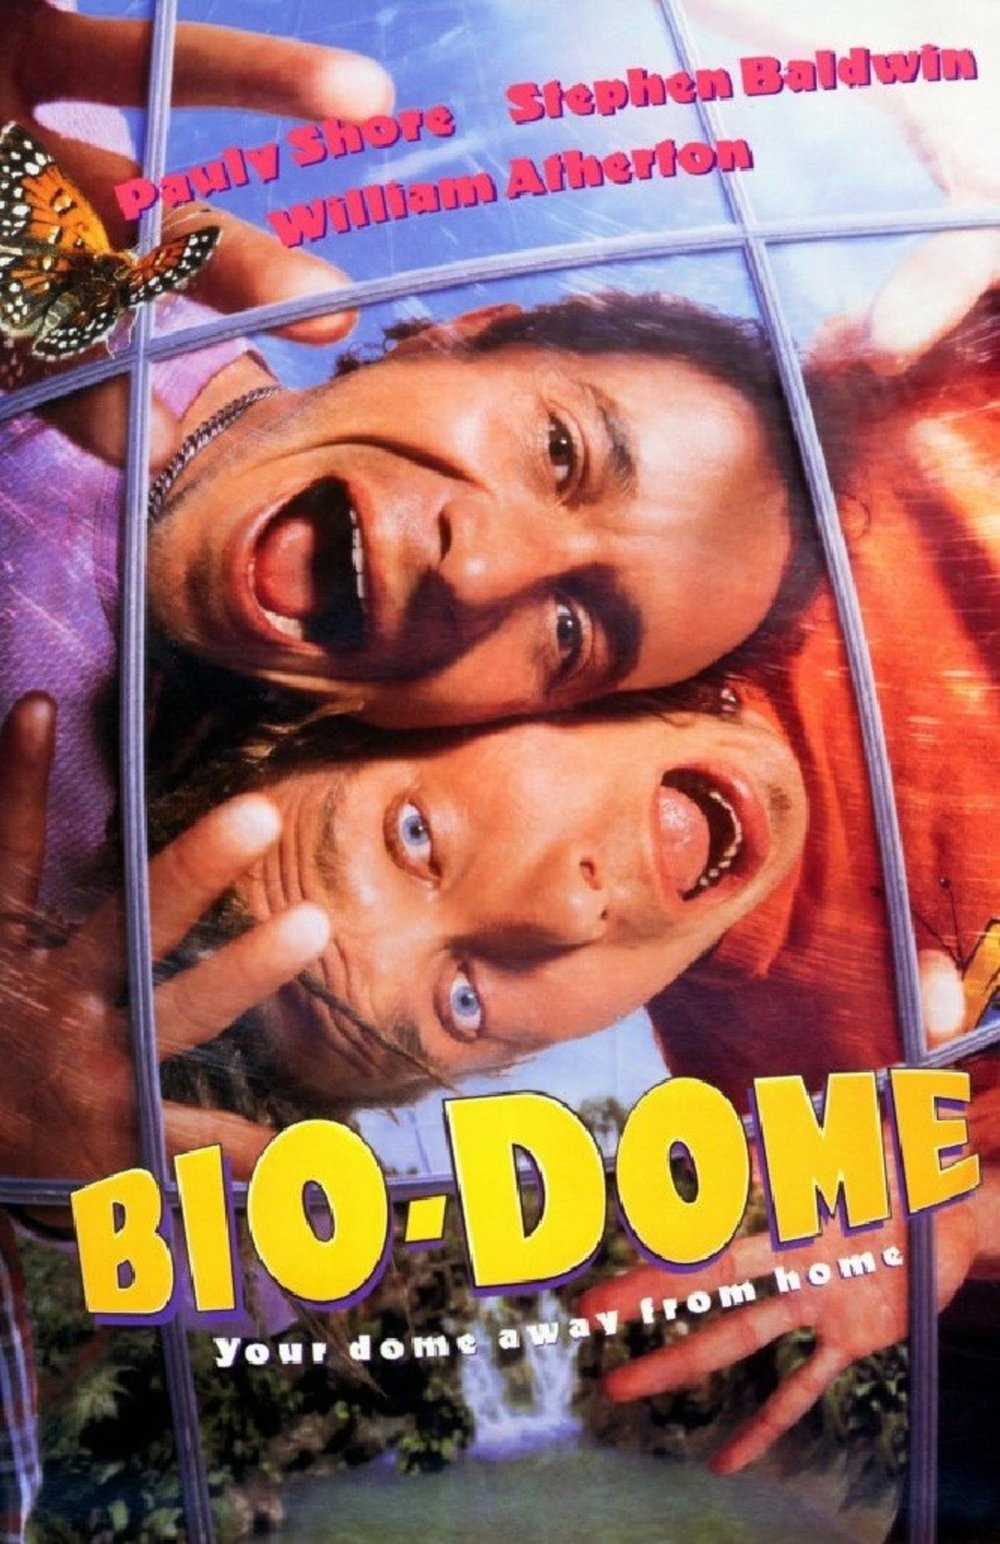 Biodome (MGM)